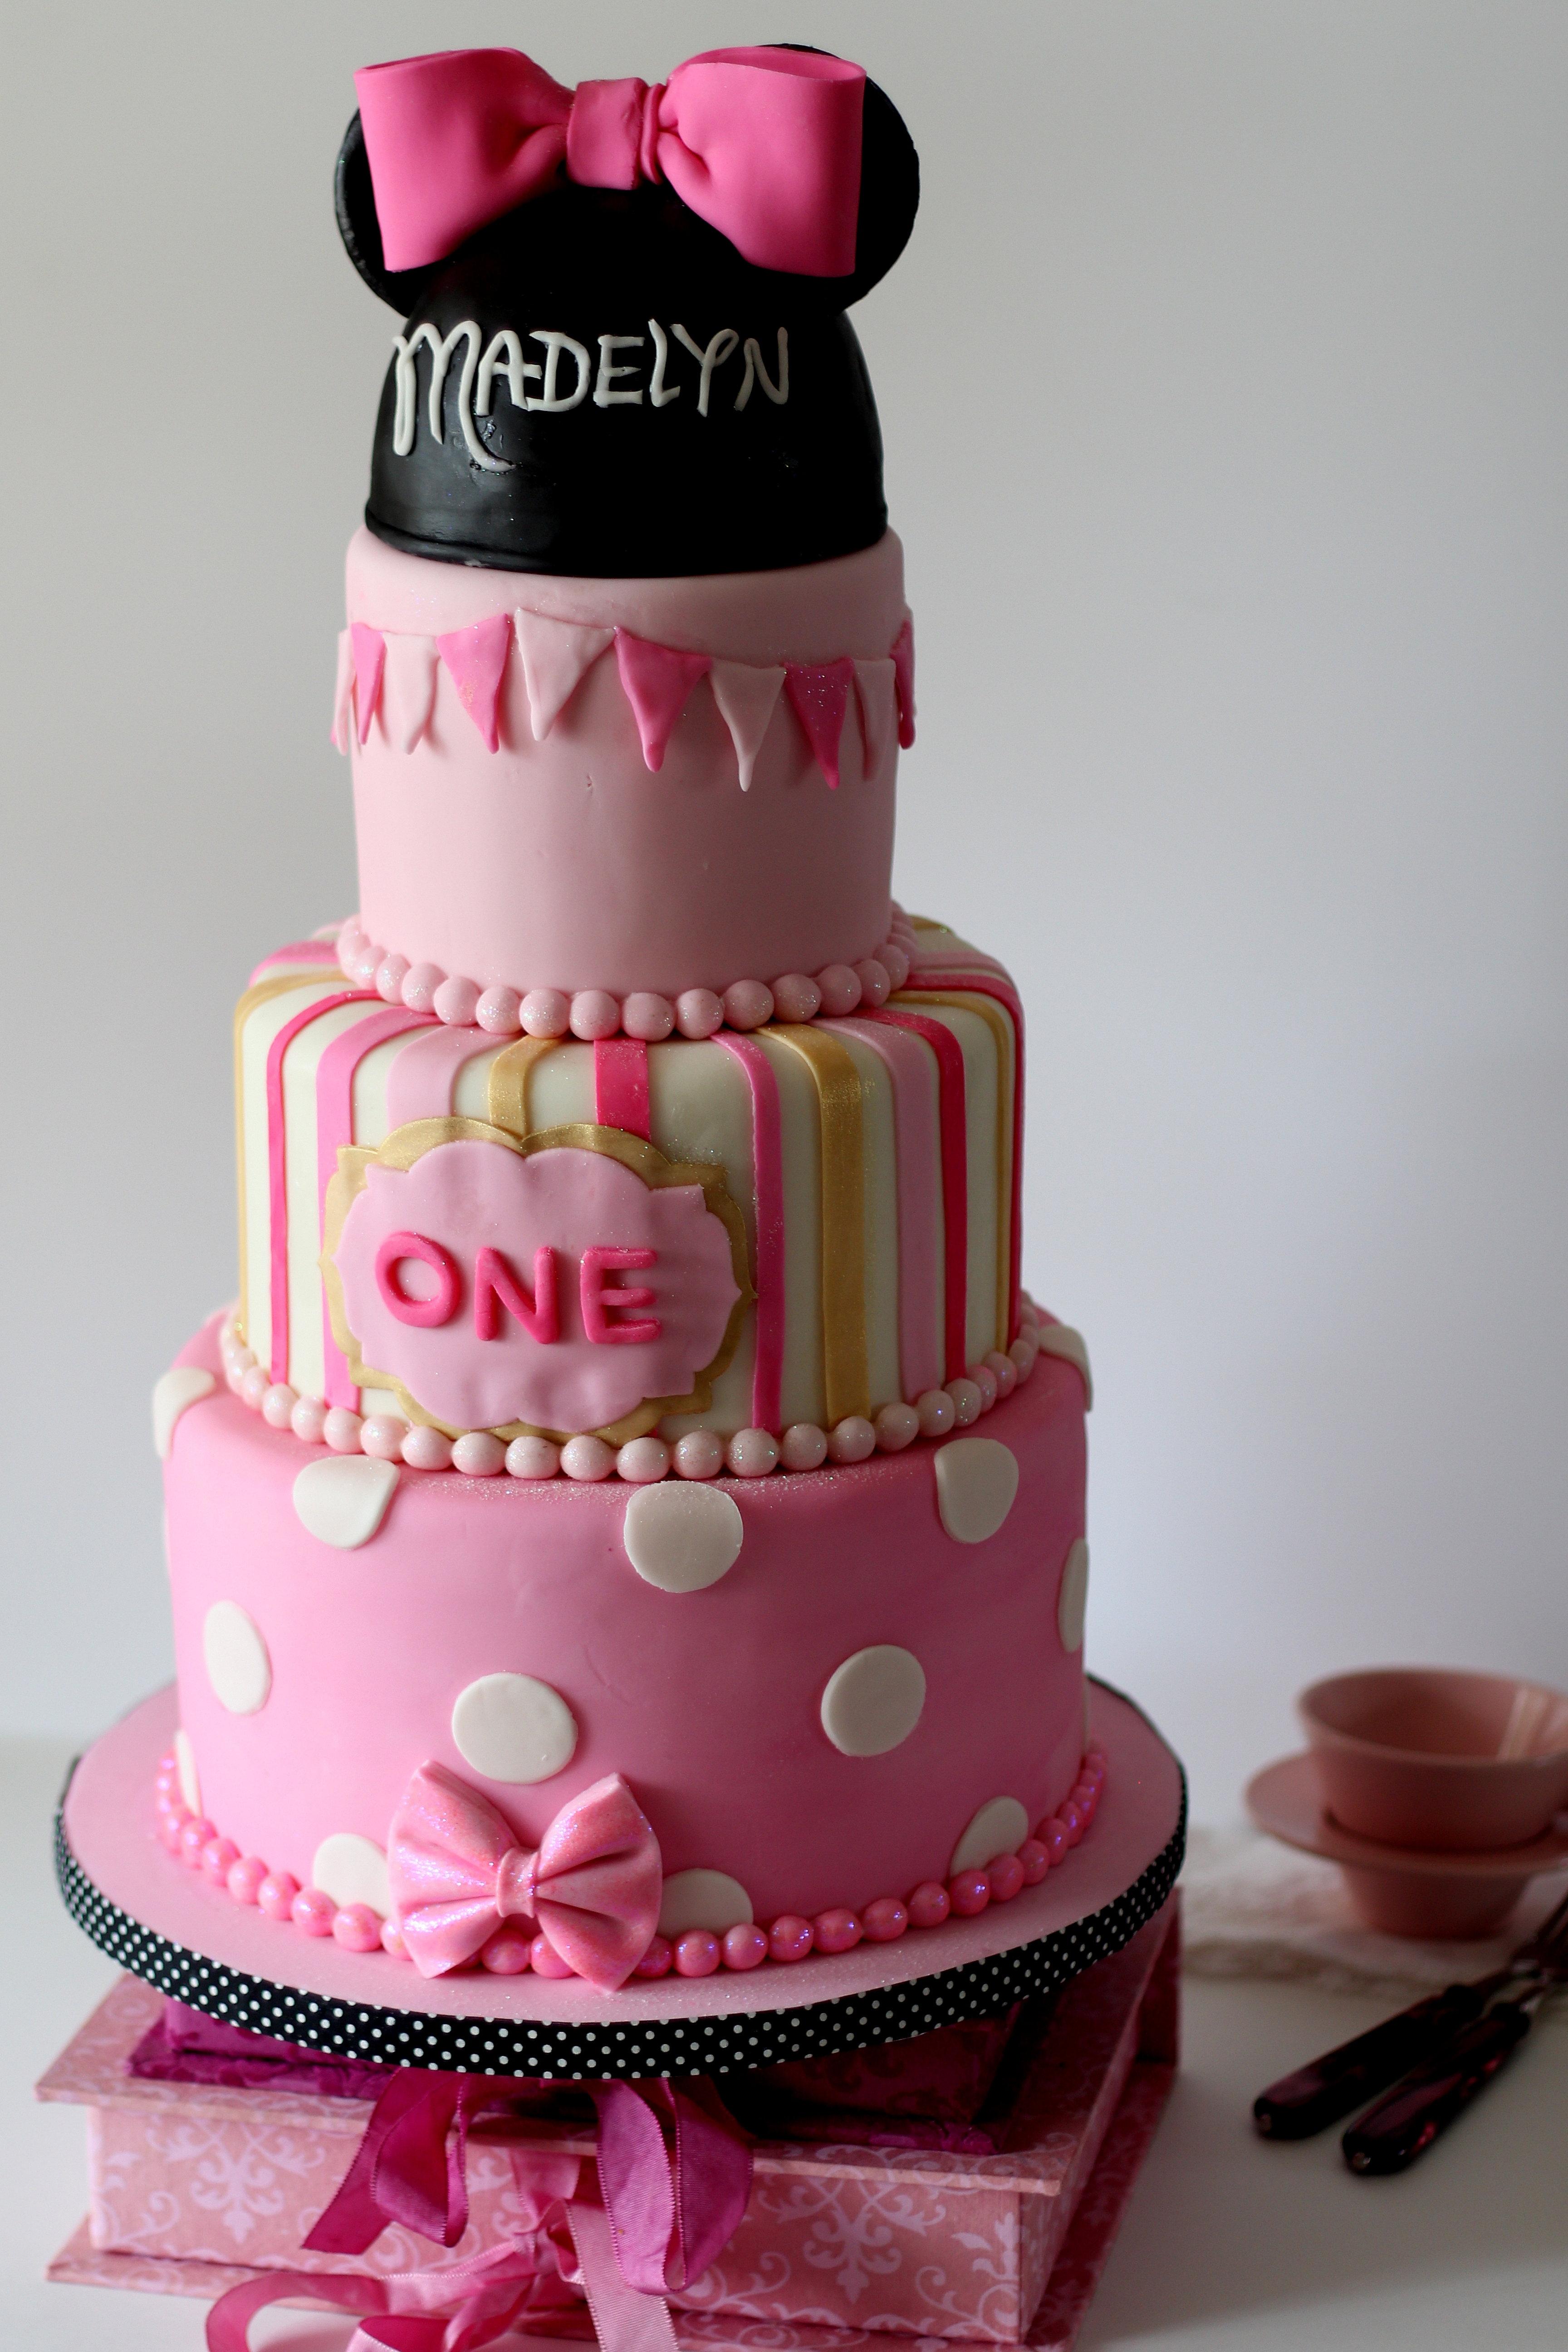 wedding cakes birthday cakes quinceanera cakes chicago cakes on minnie mouse birthday cakes chicago